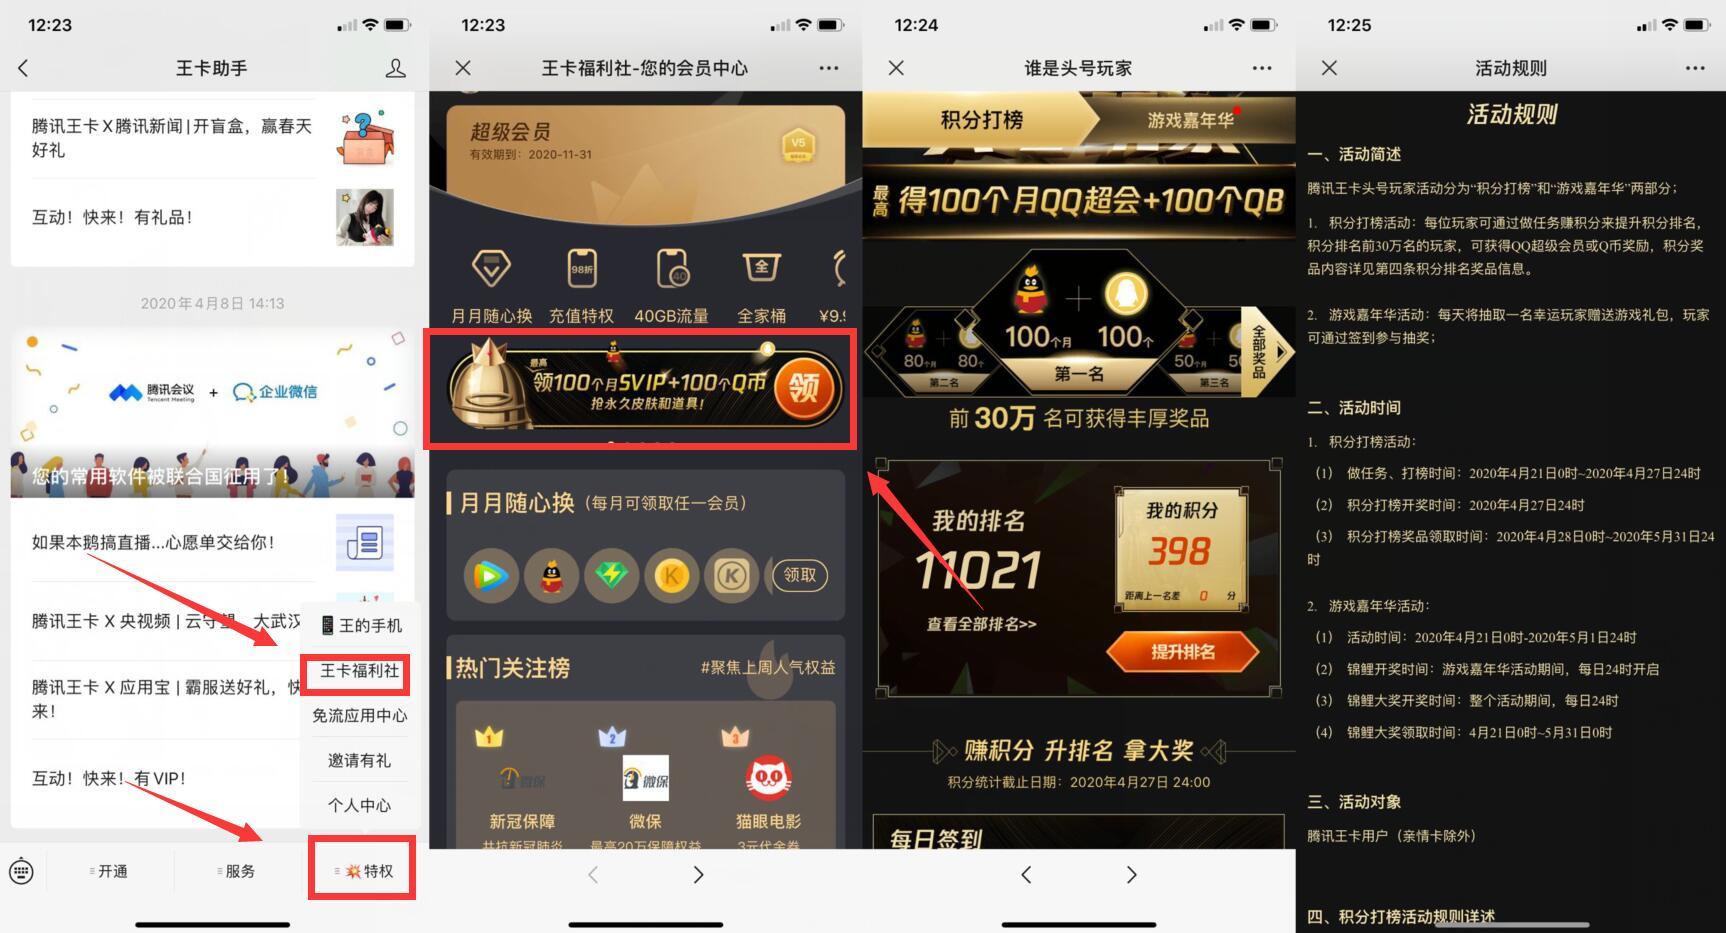 王卡助手1000个月SVIP和100QB